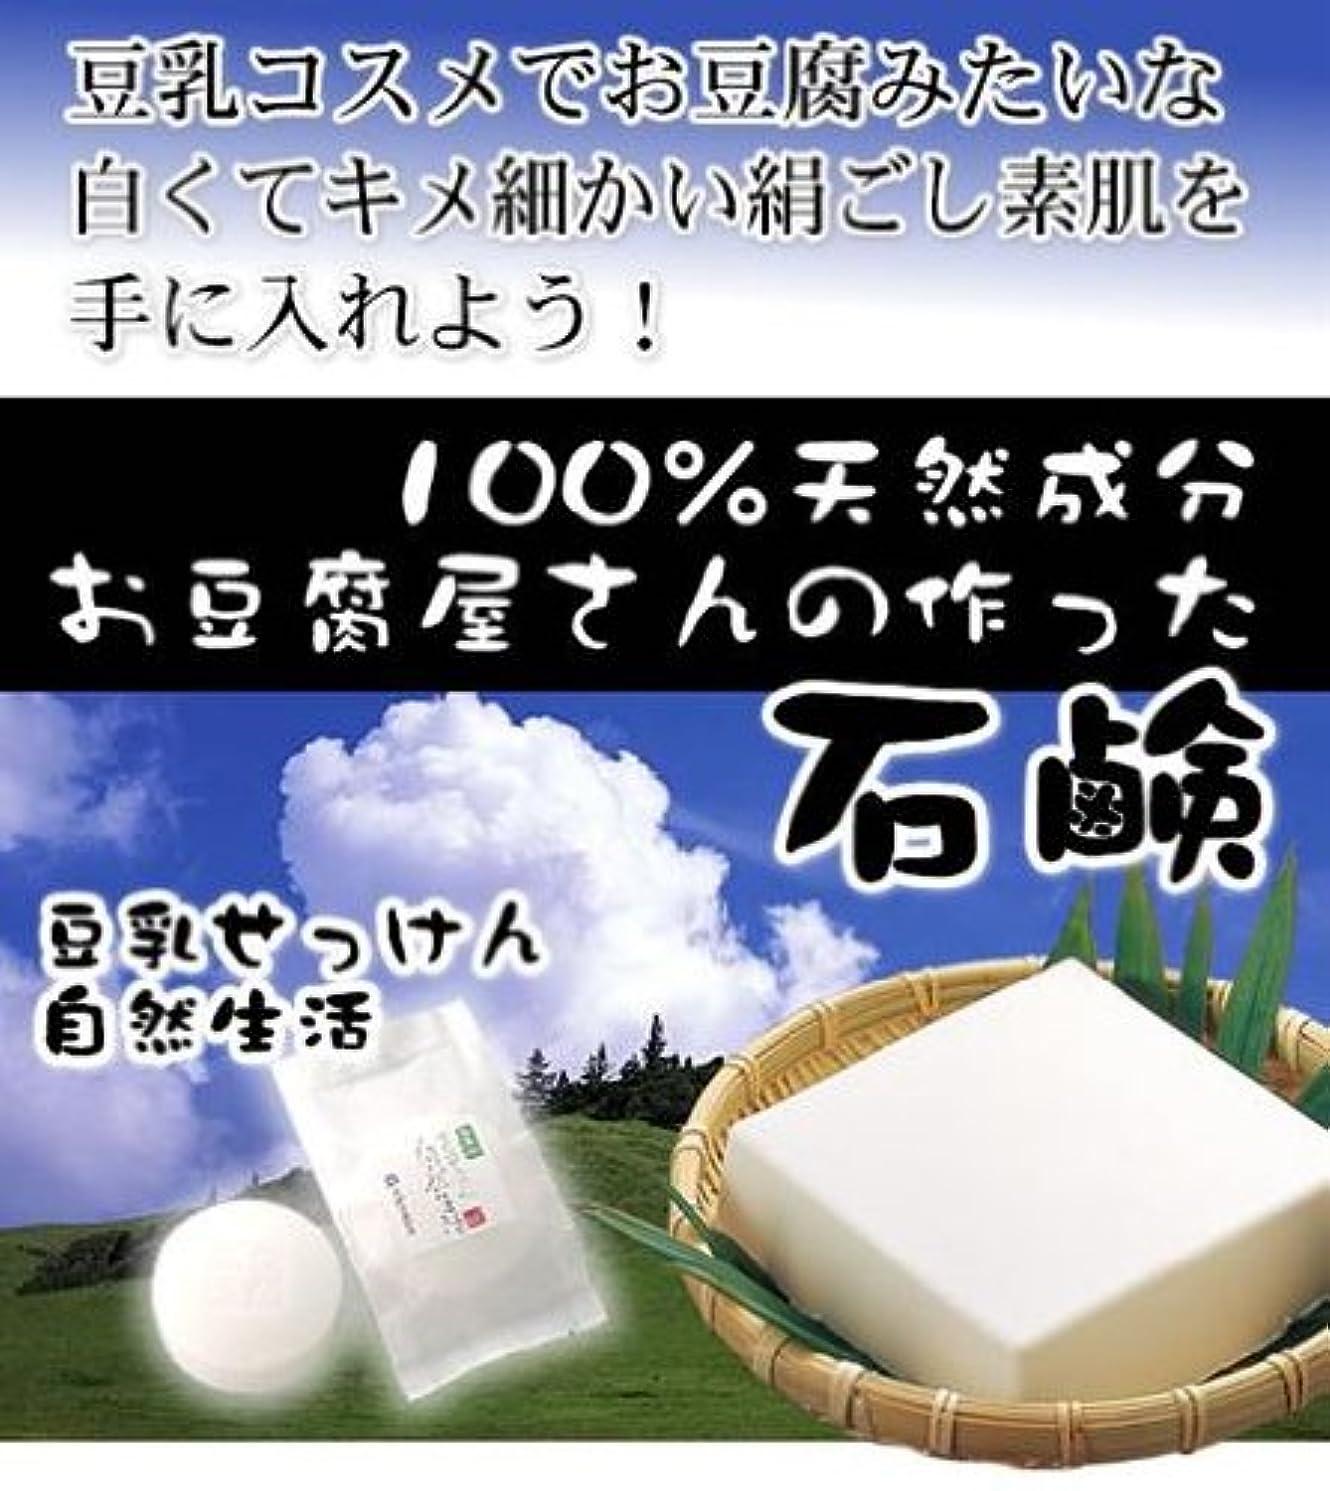 ブリーク母音傾向豆腐の盛田屋 豆乳せっけん 自然生活/引越し/新生活/プレゼント/ギフト